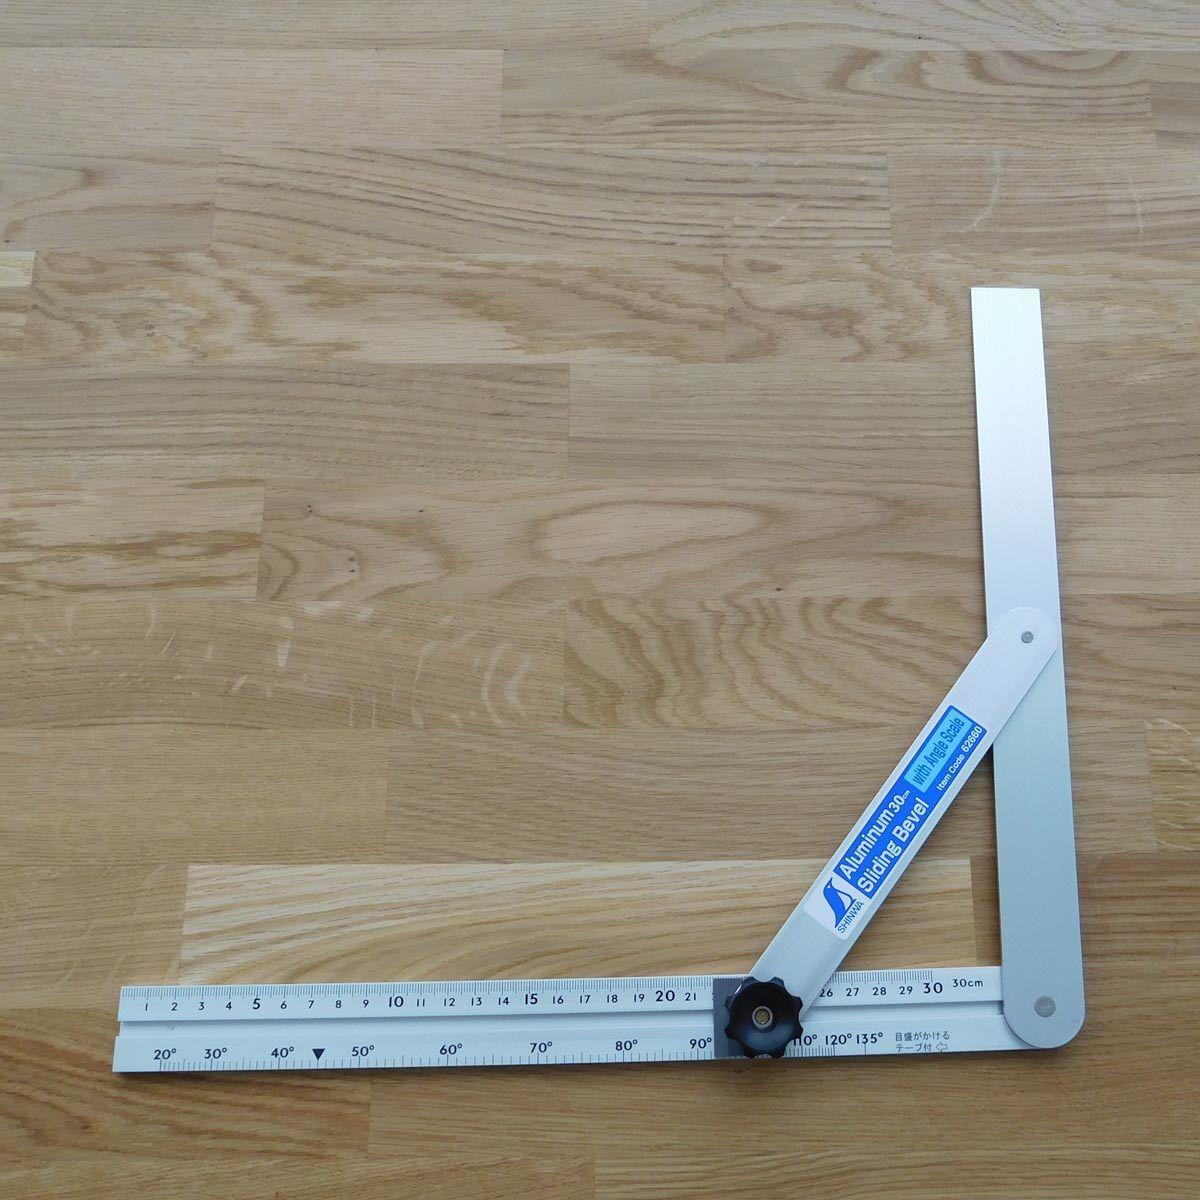 Shinwa Schmiege 30 cm mit Feststellrad, Grad und Millimeterskala, umschwenkbar